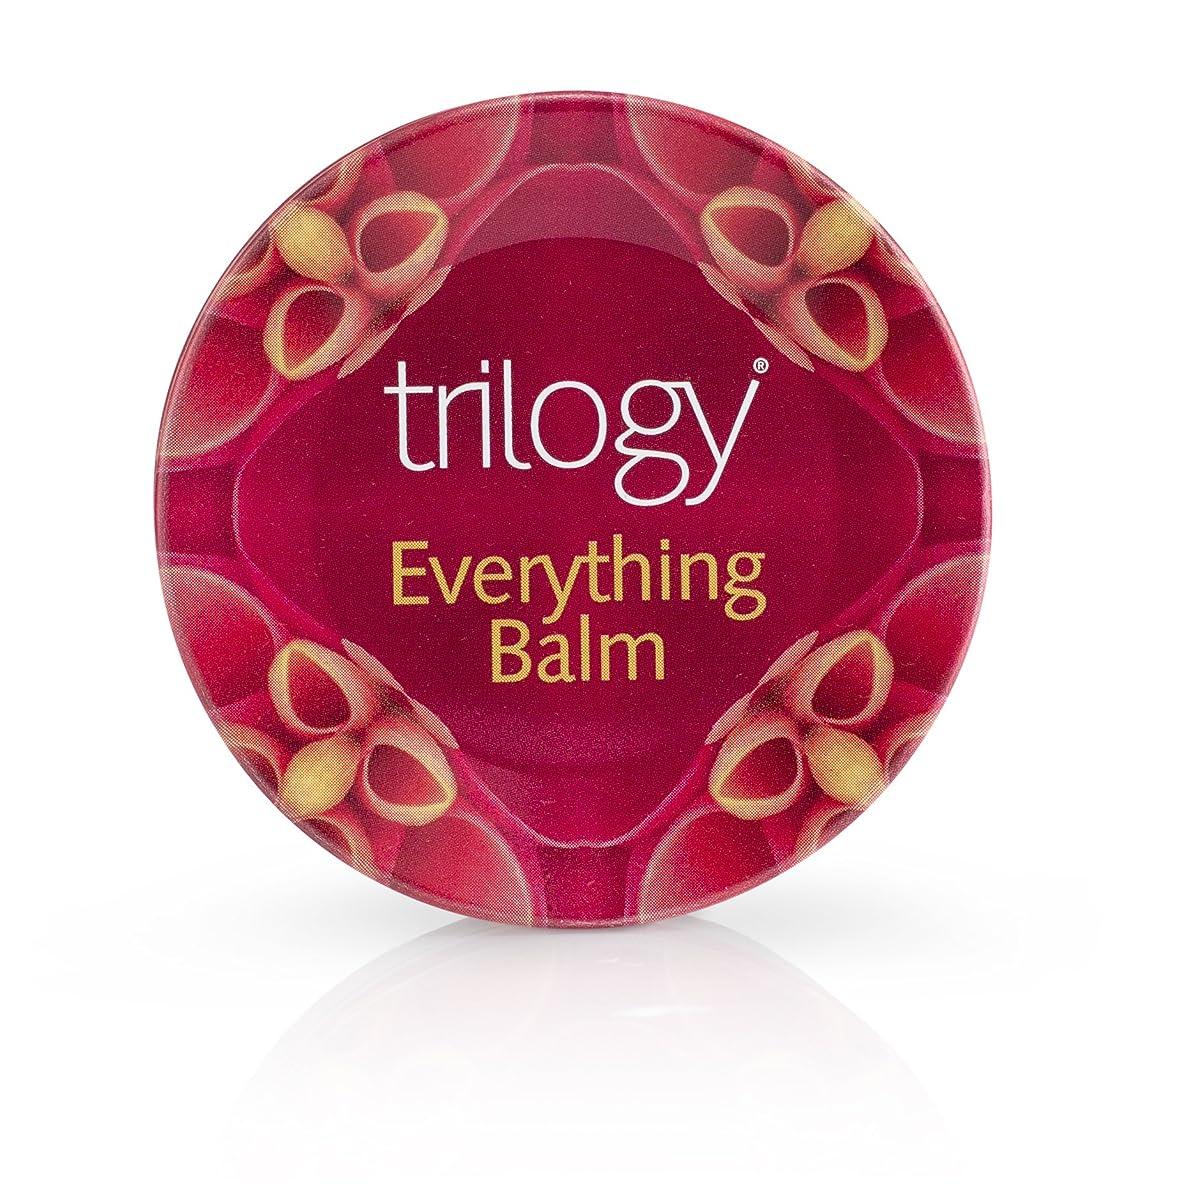 決めます家畜ポールトリロジー(trilogy) エブリシング バーム 〈全身用バーム〉 (95mL)